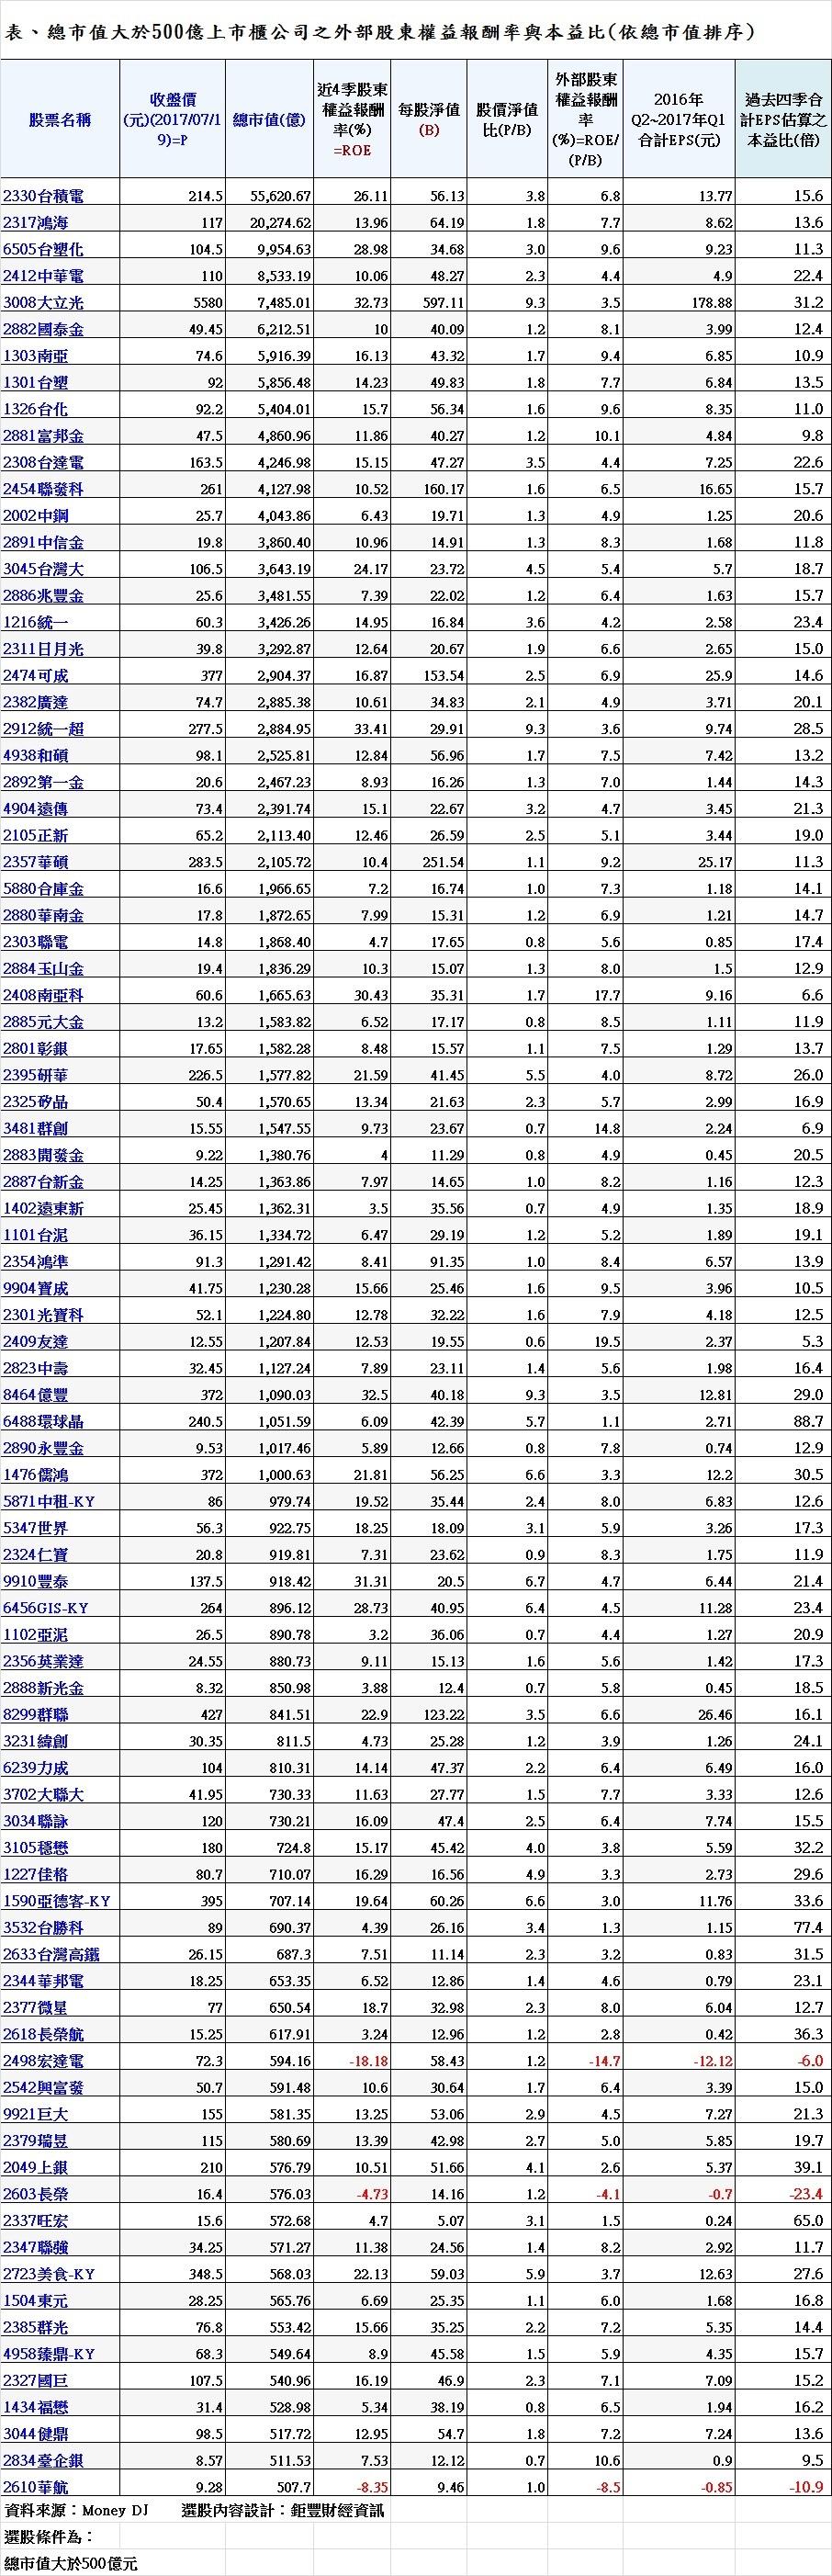 表、總市值大於500億上市櫃公司之外部股東權益報酬率與本益比(依總市值排序)